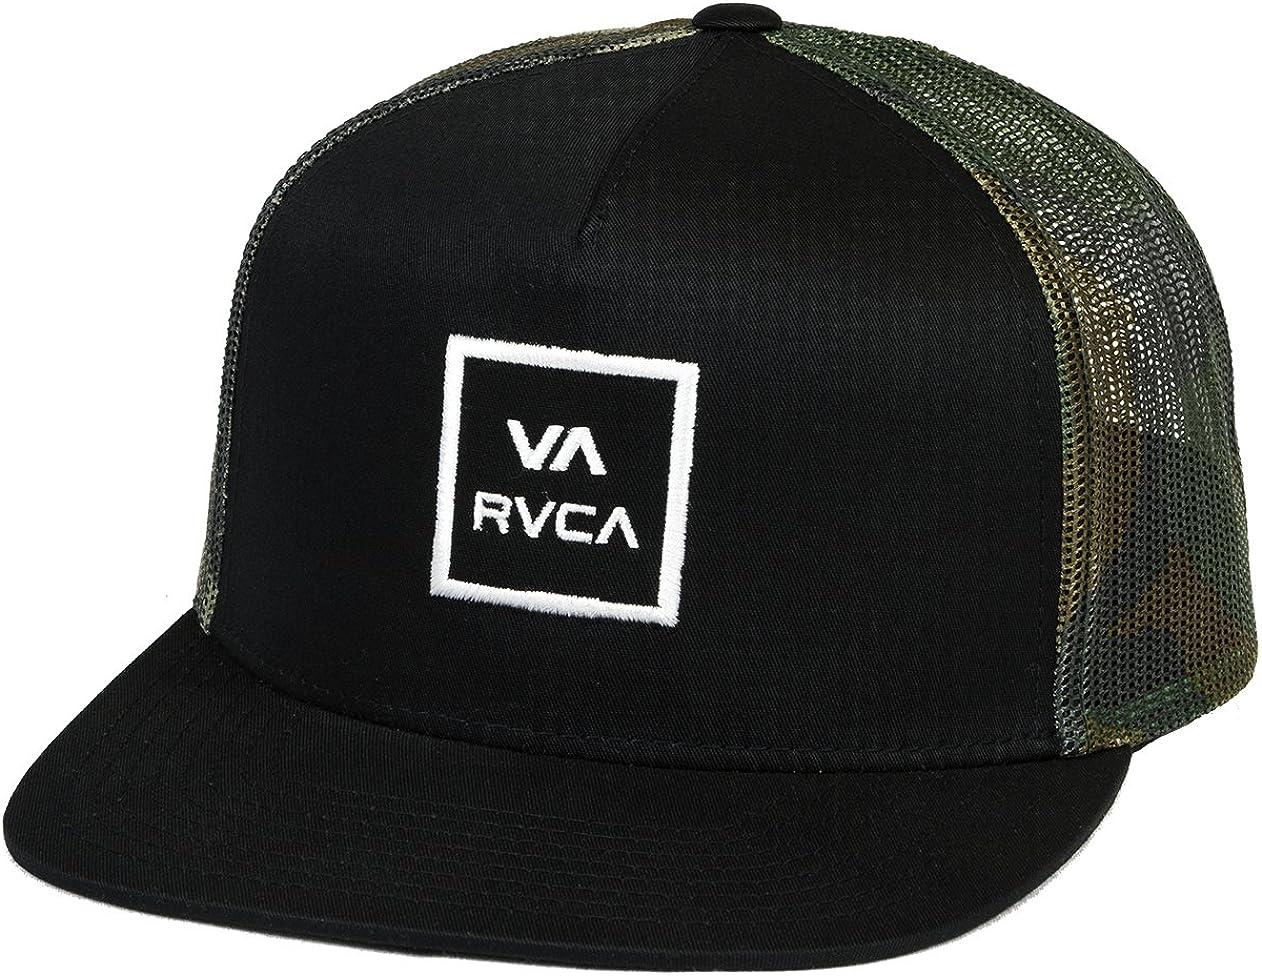 RVCA Men's Va All The Way Trucker Hat